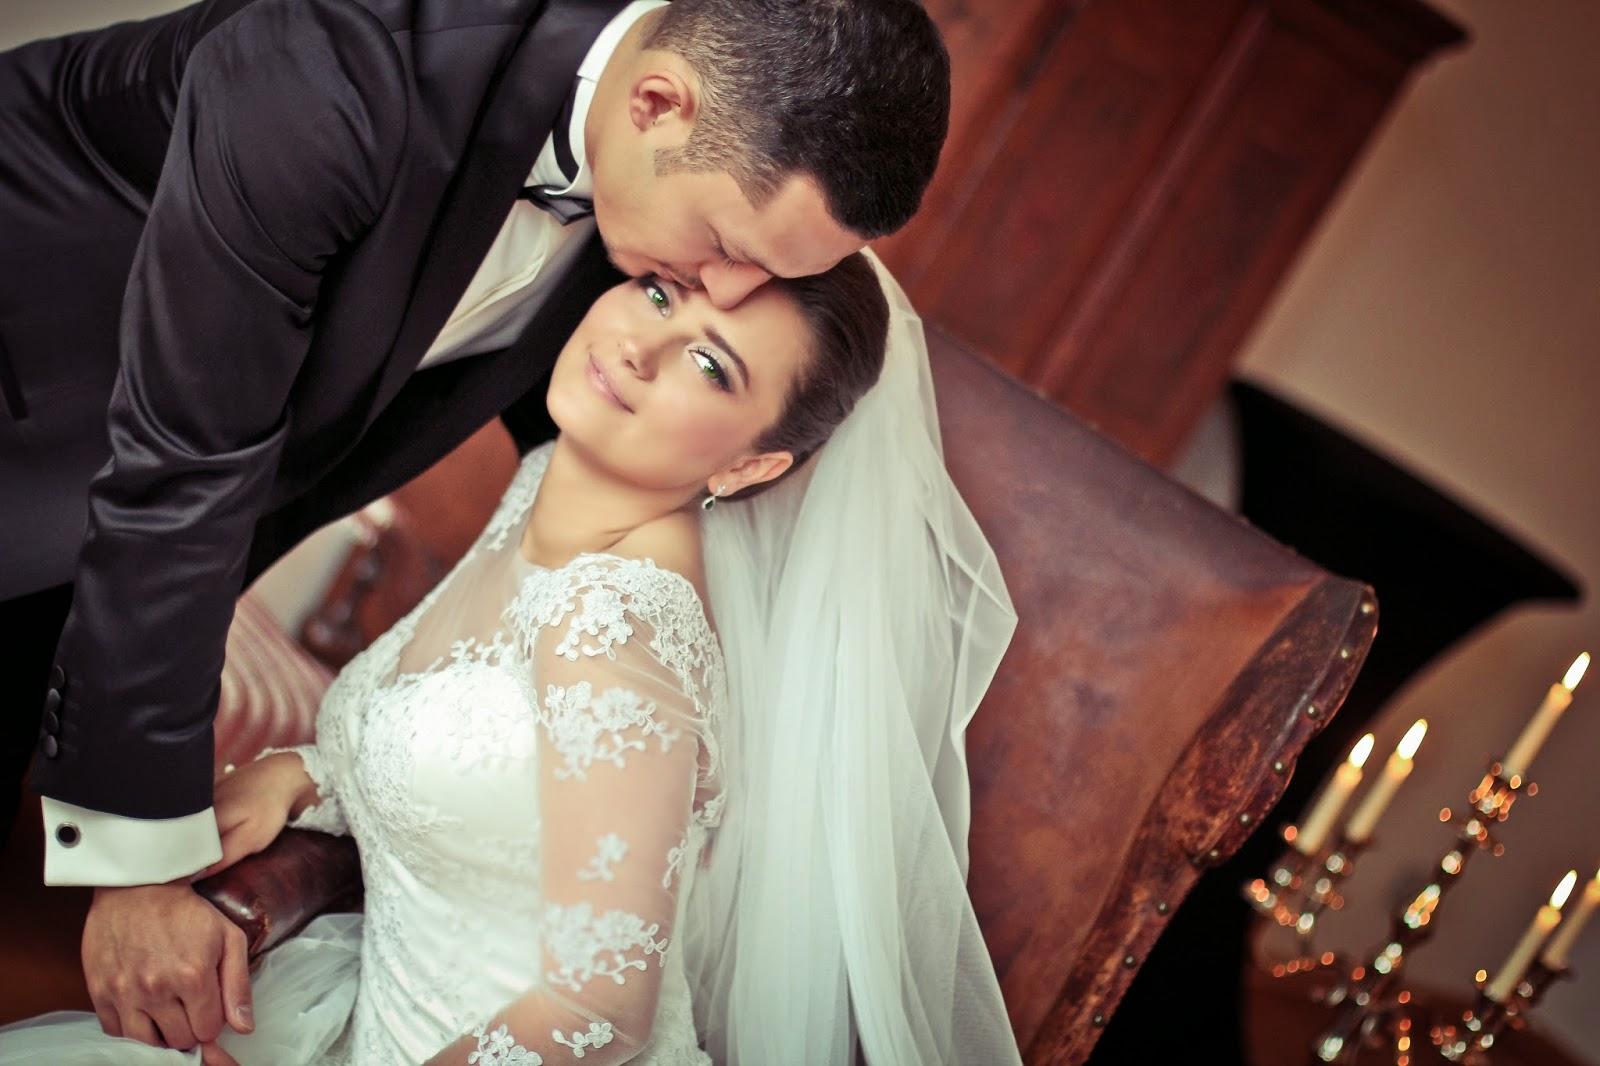 almanyada yaşayan türk düğün fotoğrafçısı, izmir evlilik fotoğrafları